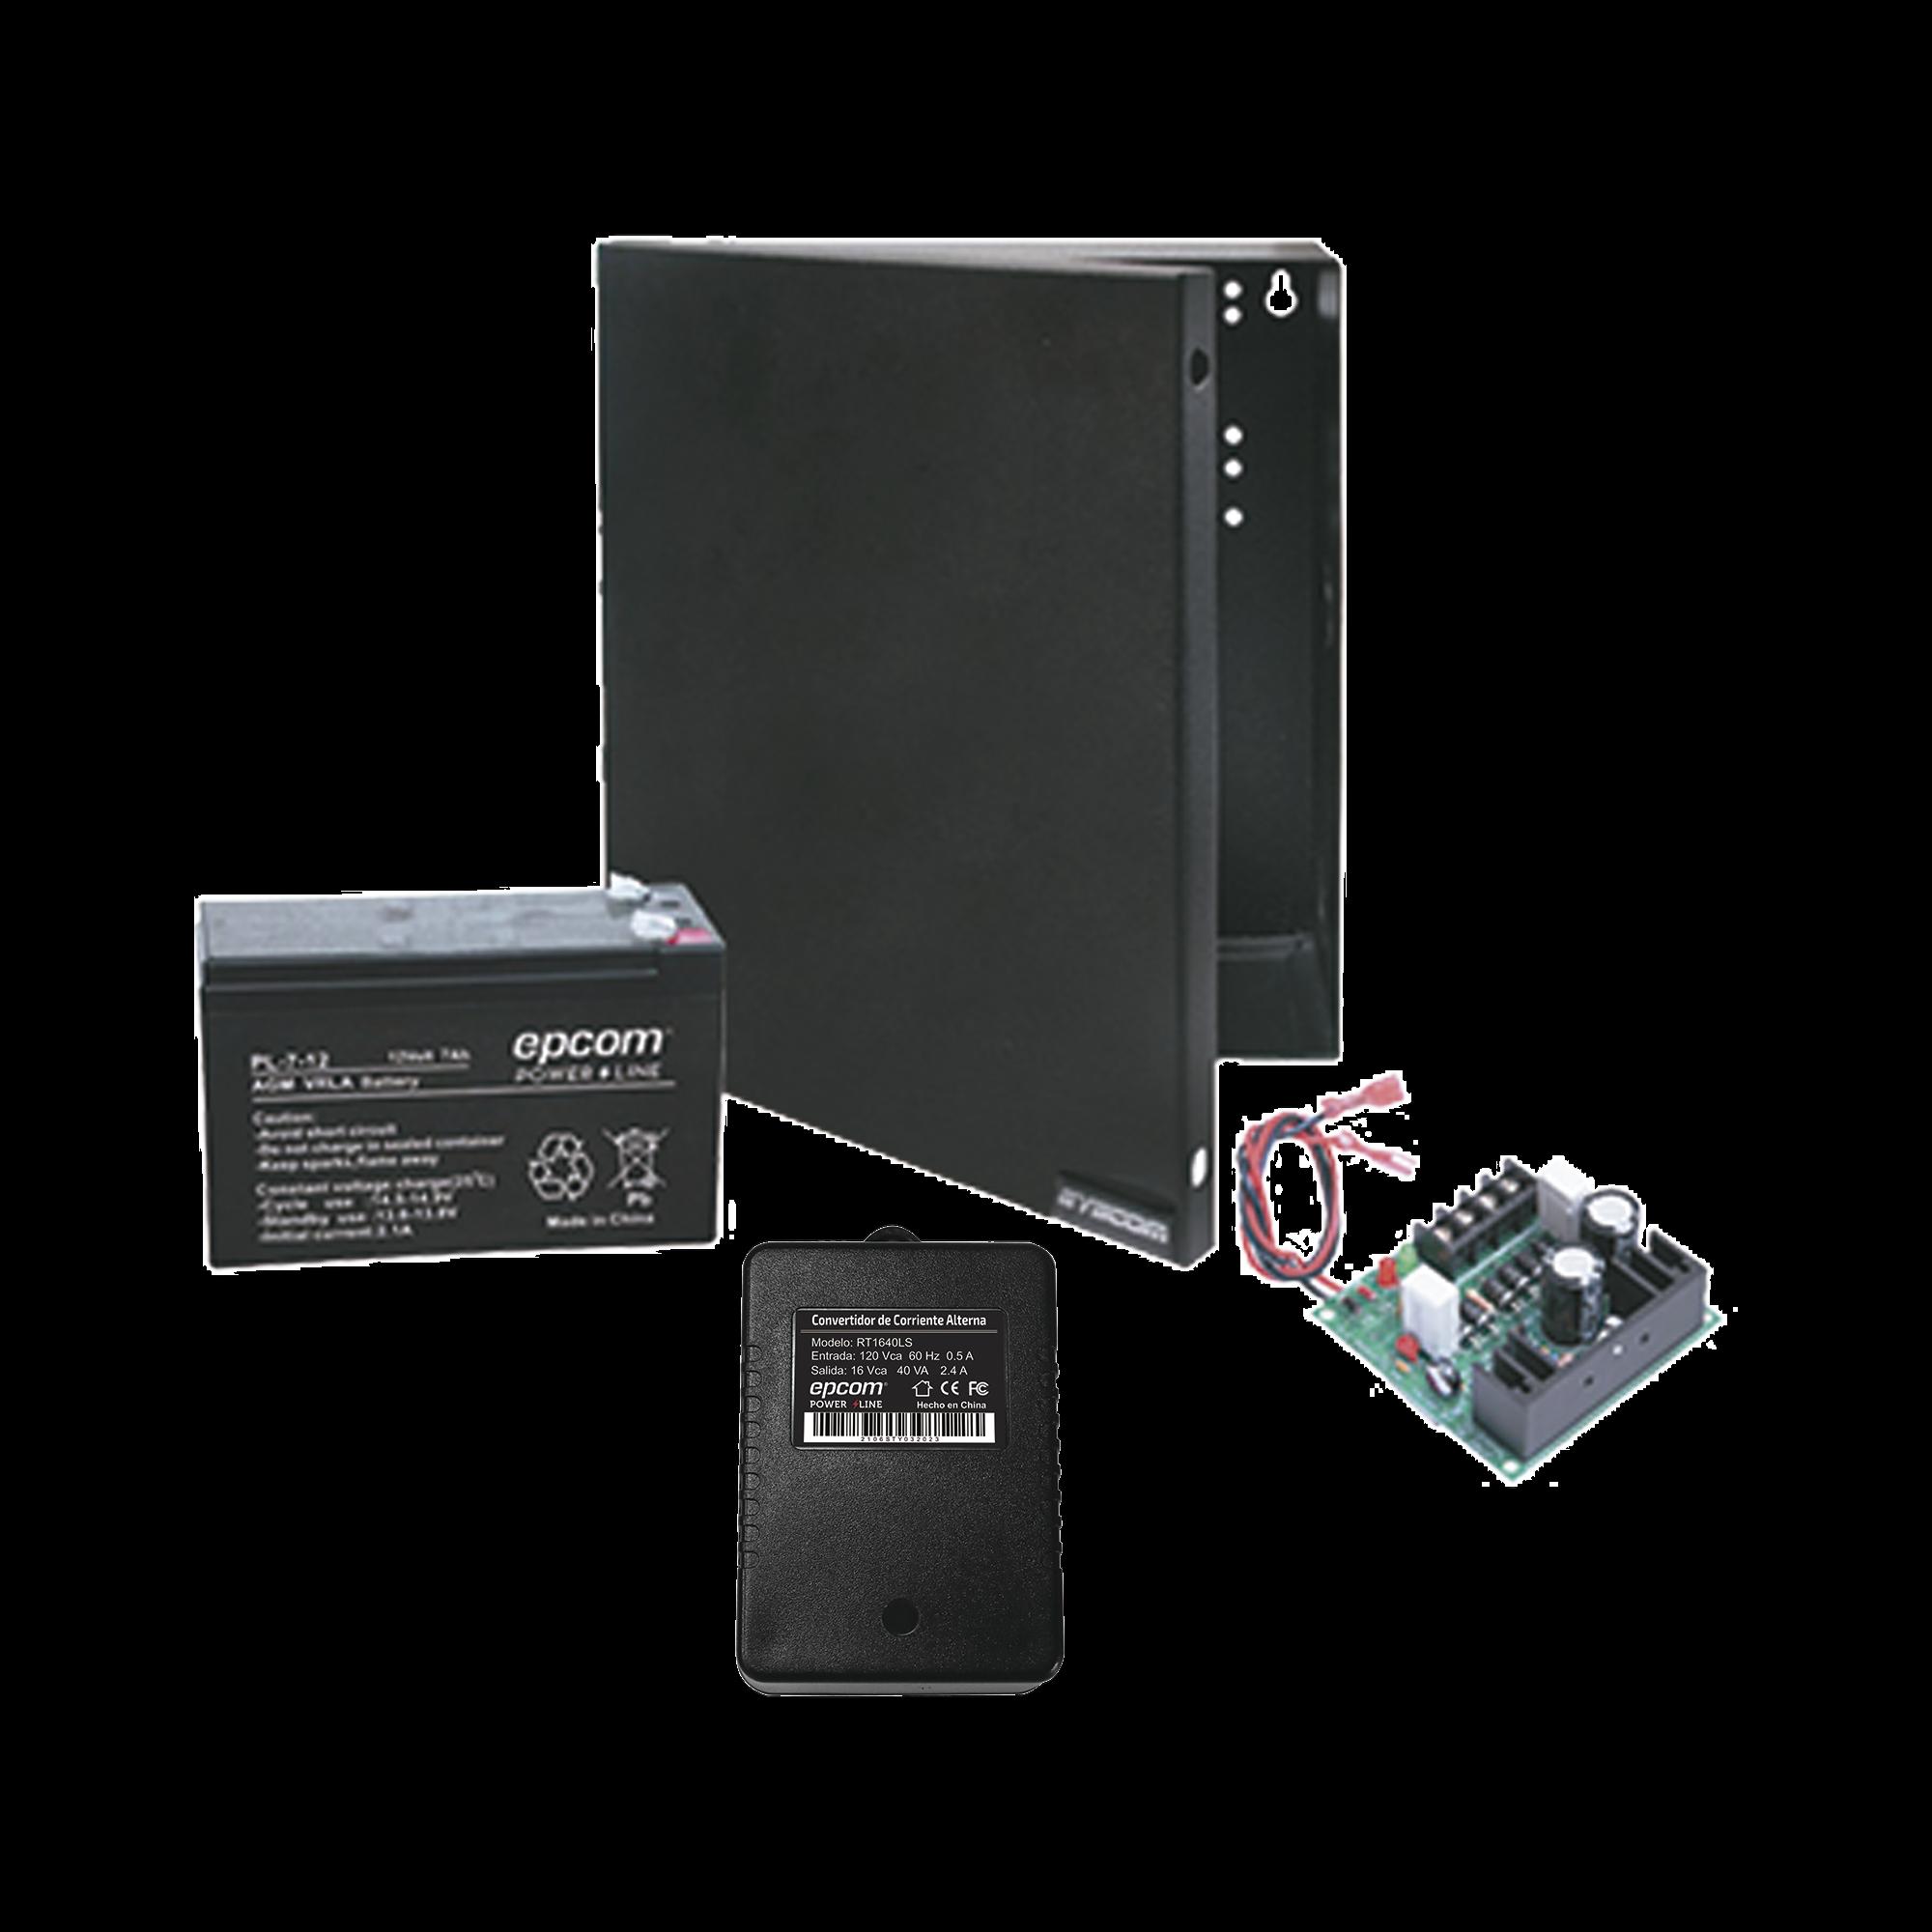 Kit con fuente ELK Products ( ELK624 ) con salida de 12 Vcd a 1 Amper, incluye transformador y batería de 7 Amper